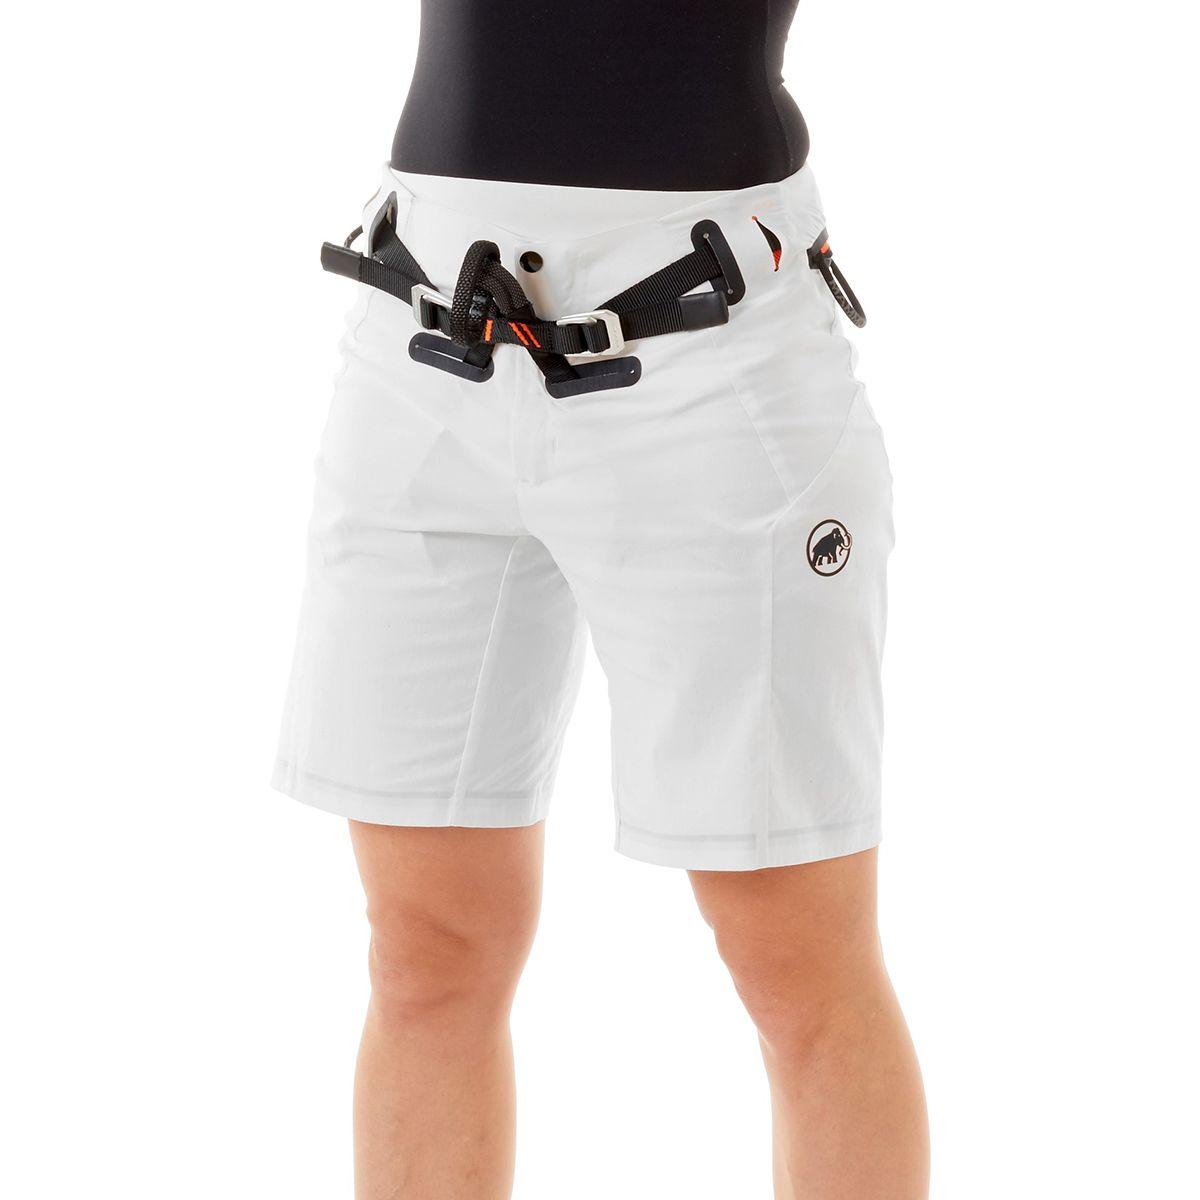 Realization 2.0 Harness Short - Women